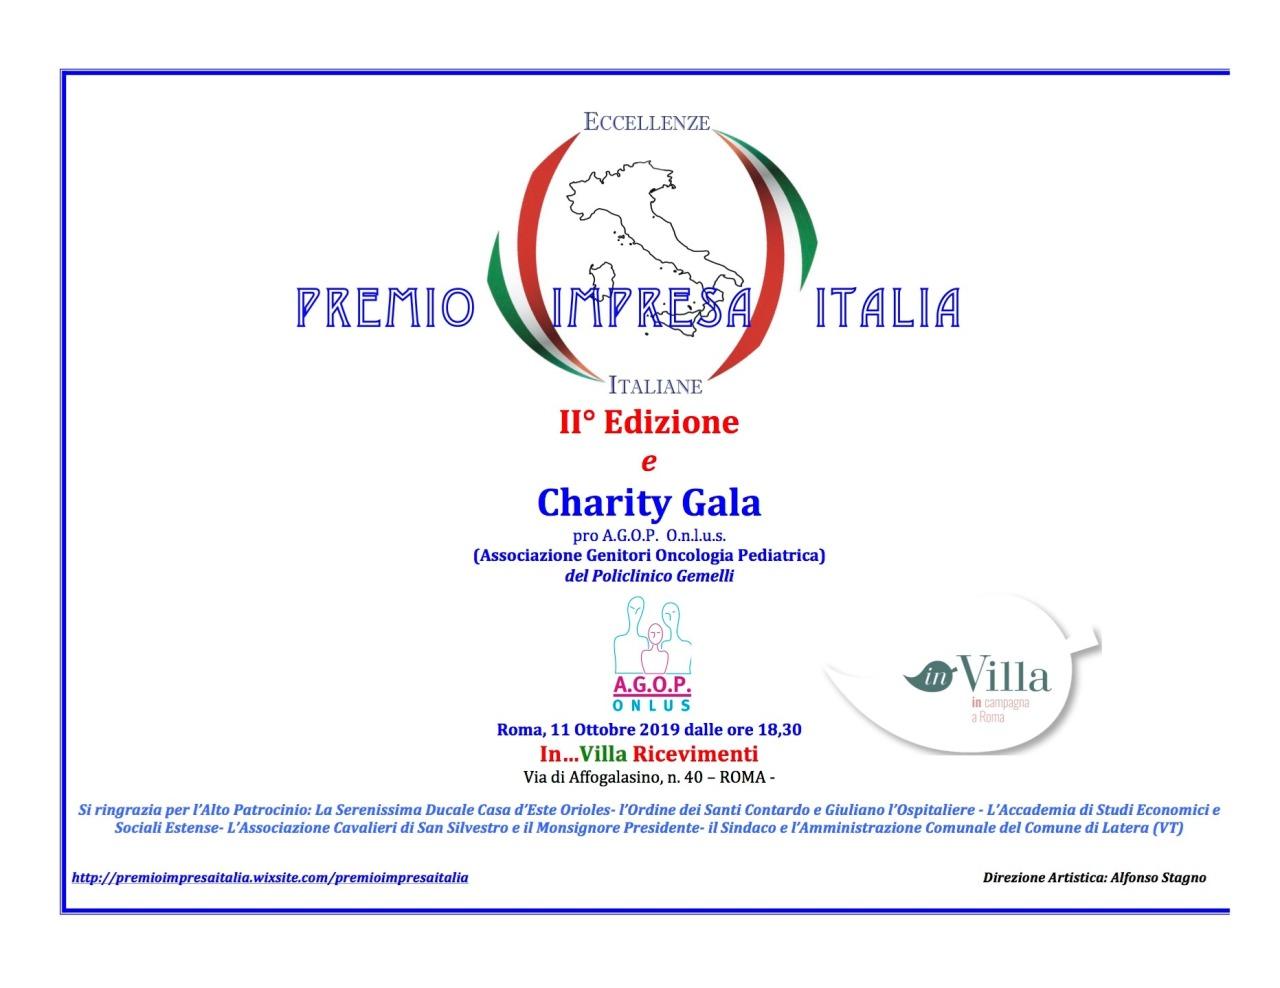 PRE EVENTO 2^ EDIZIONE PREMIO IMPRESA ITALIA – RICONOSCIMENTO ALLE ECCELLENZEITALIANE